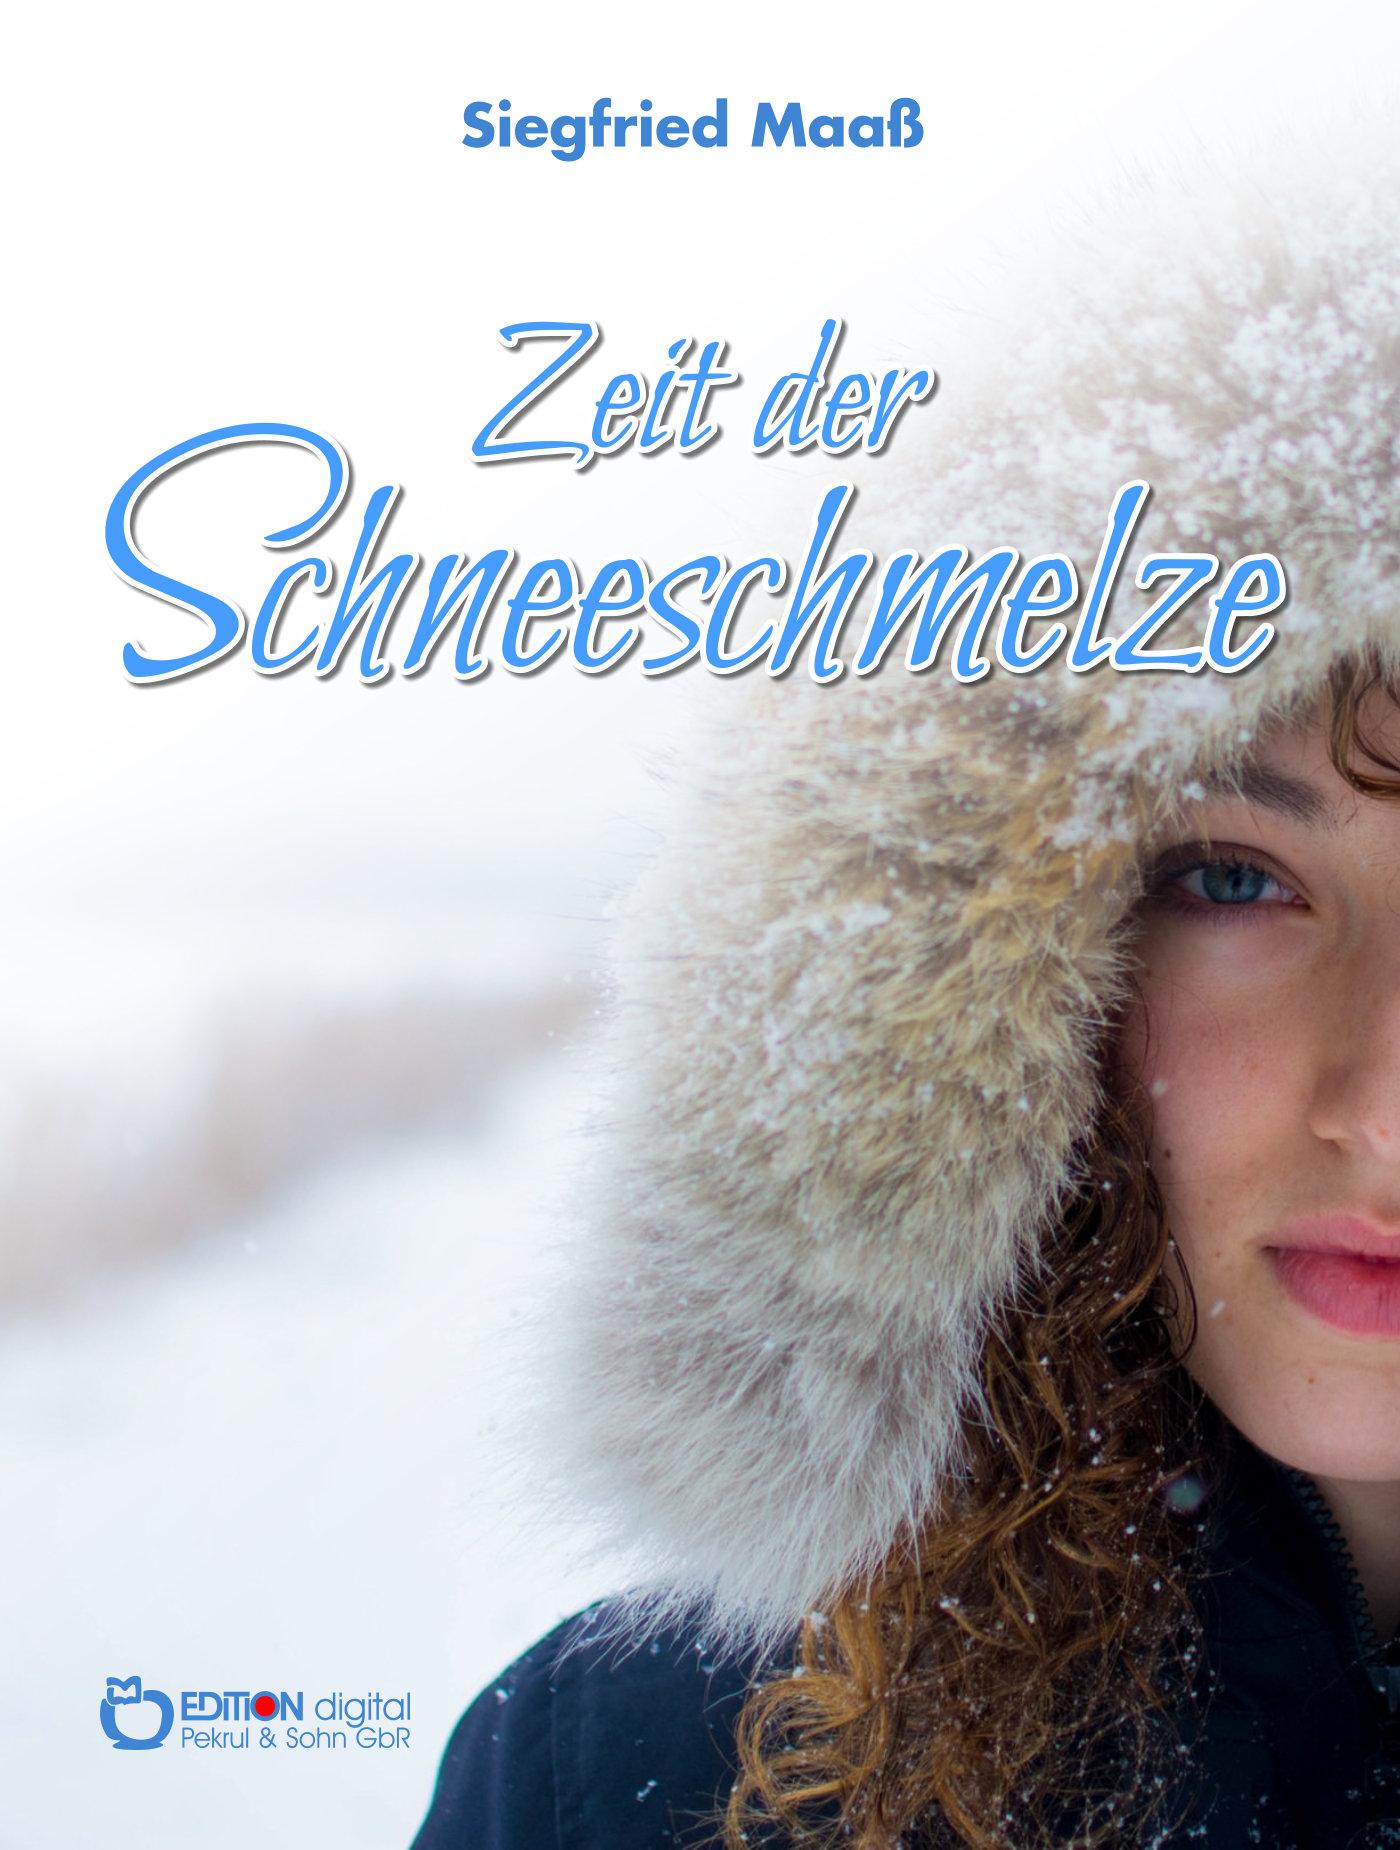 Zeit der Schneeschmelze von Siegfried Maaß